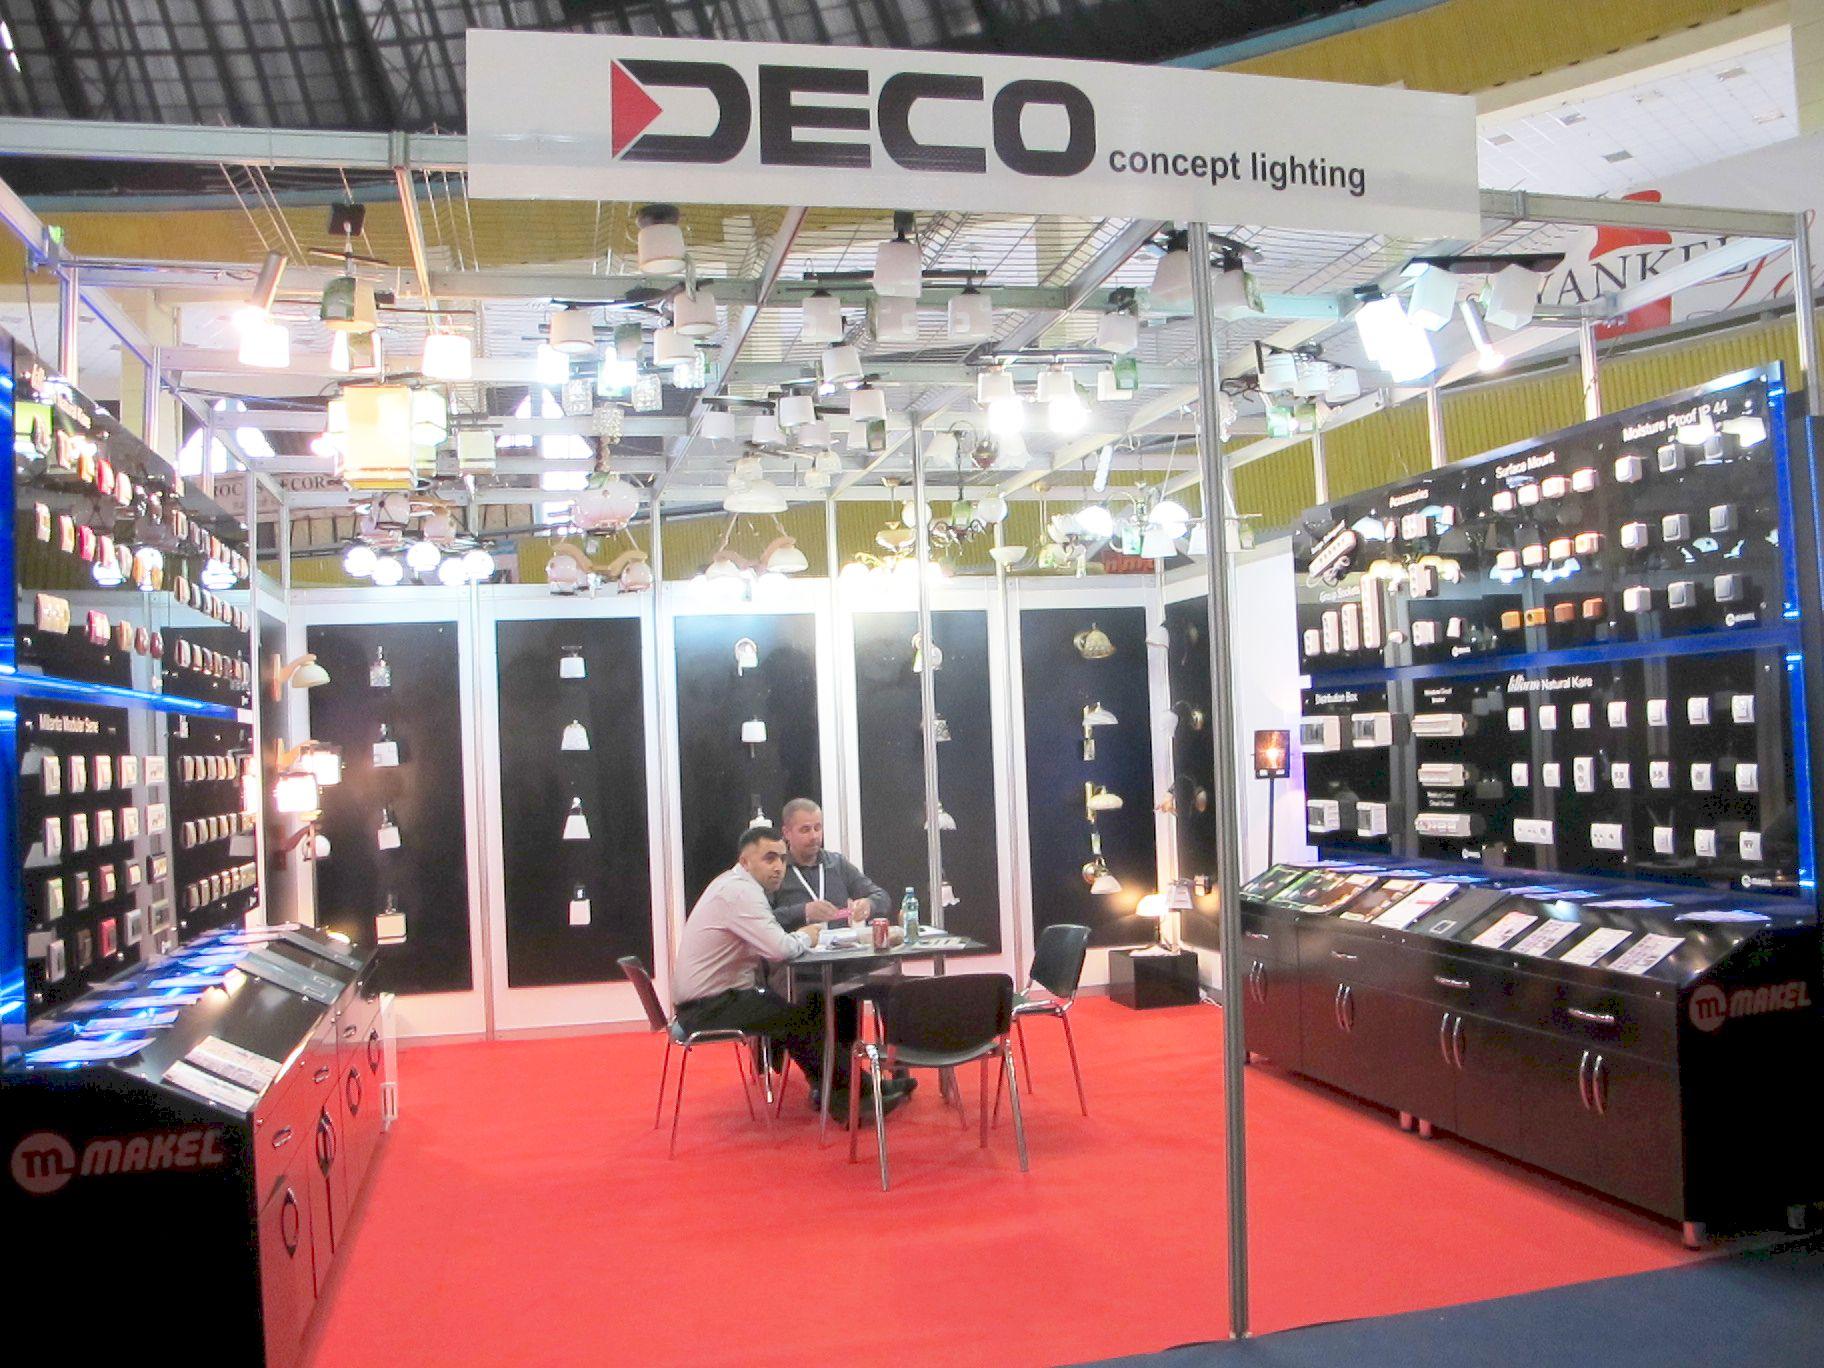 Produse electrice si corpuri de iluminat de la Deco concept lighting